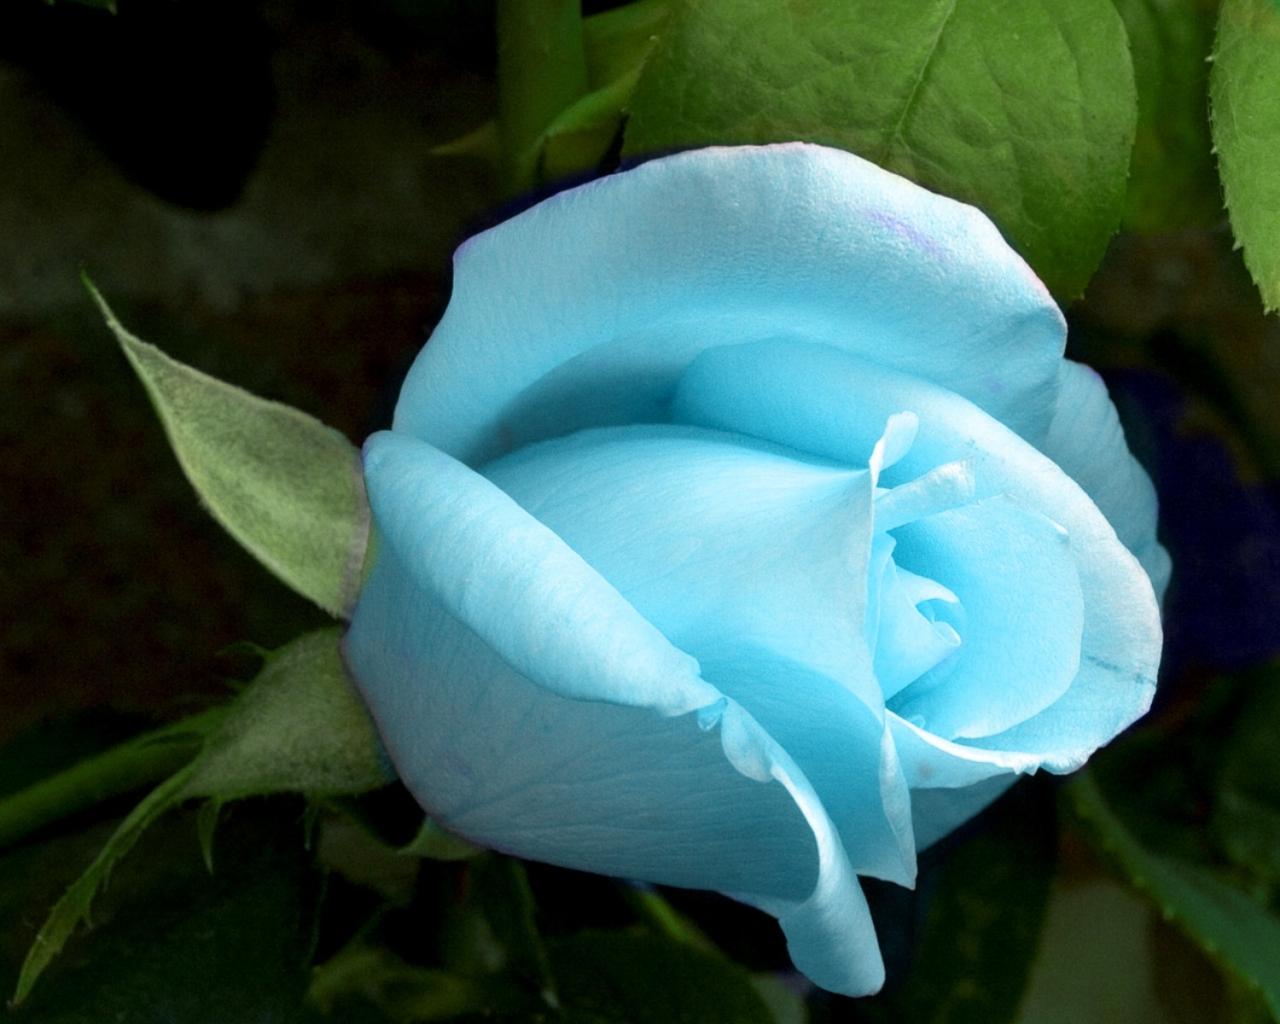 ГОЛУБАЯ РОЗА На свете нет цветка нежней,Чем роза голубая.